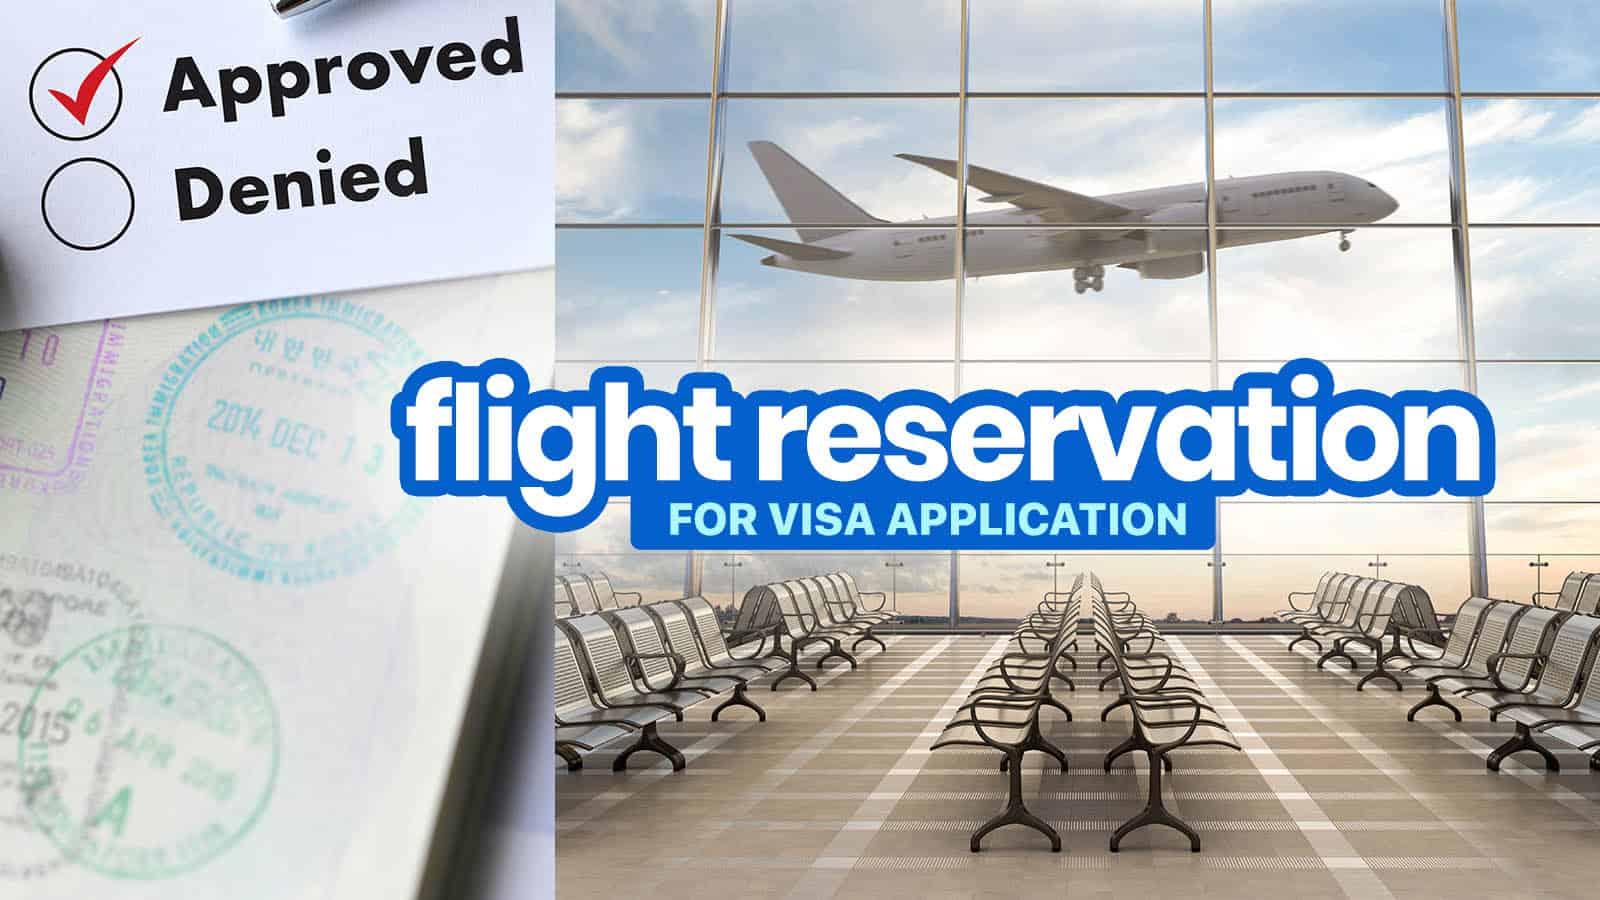 申请2021年签证的航班预订。申根签证、加拿大签证和其他签证 | 穷游者行程博客